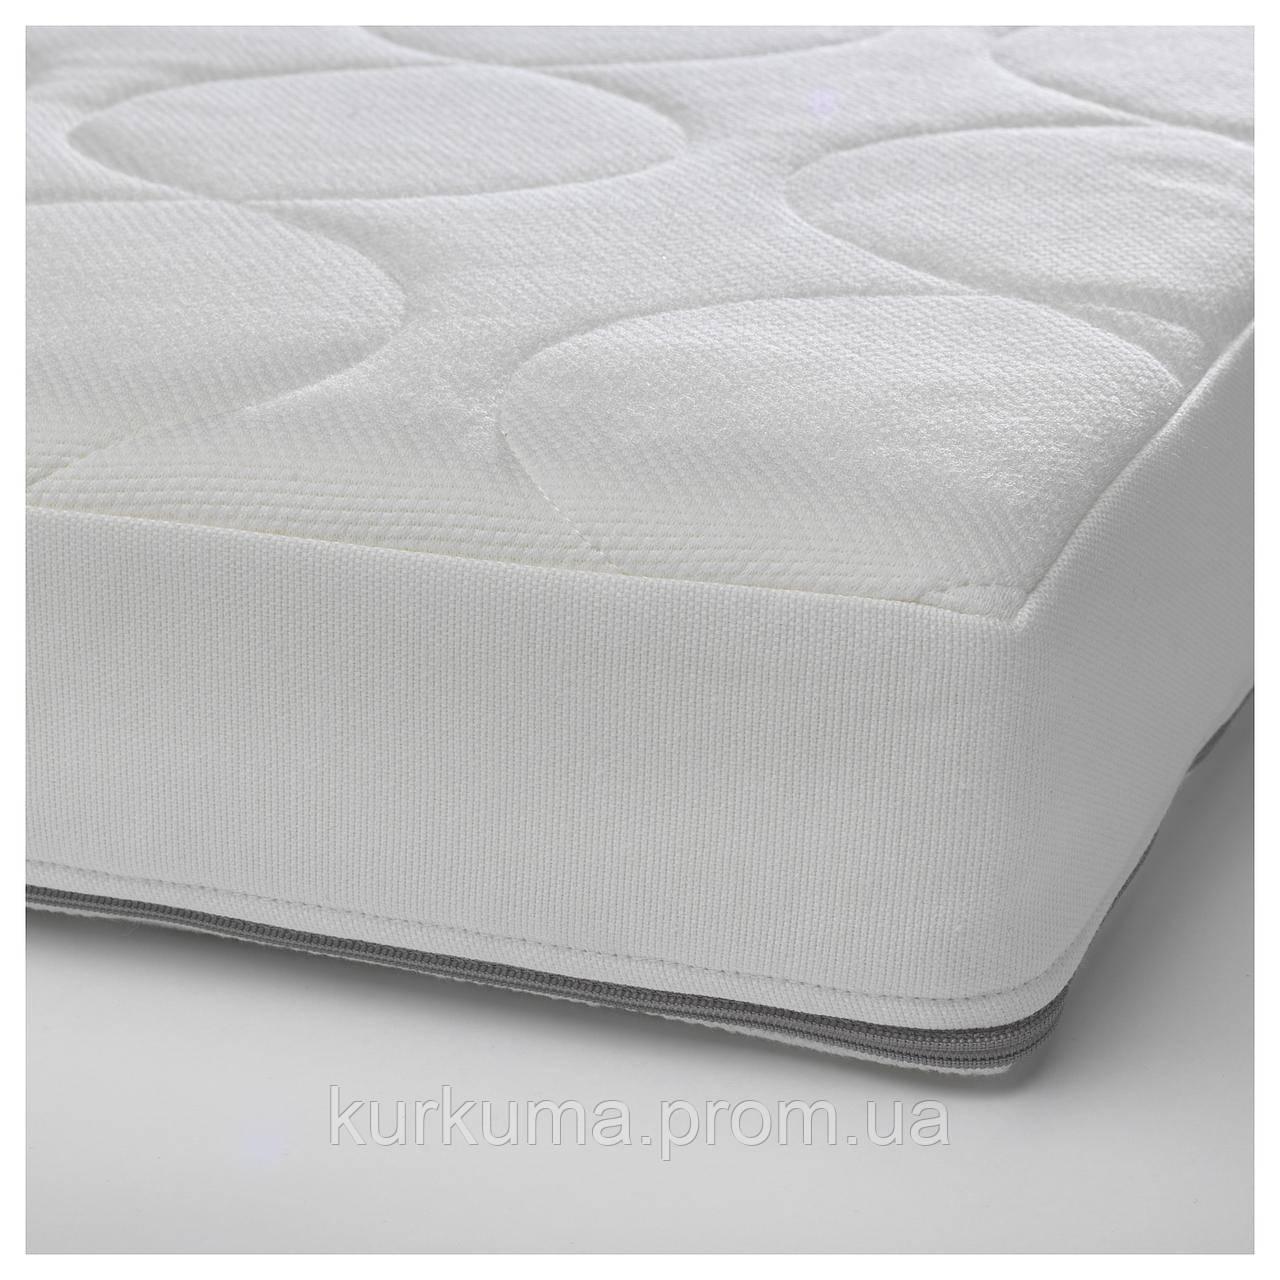 IKEA JATTETROTT Матрас для детской кроватки, белый  (403.210.04)